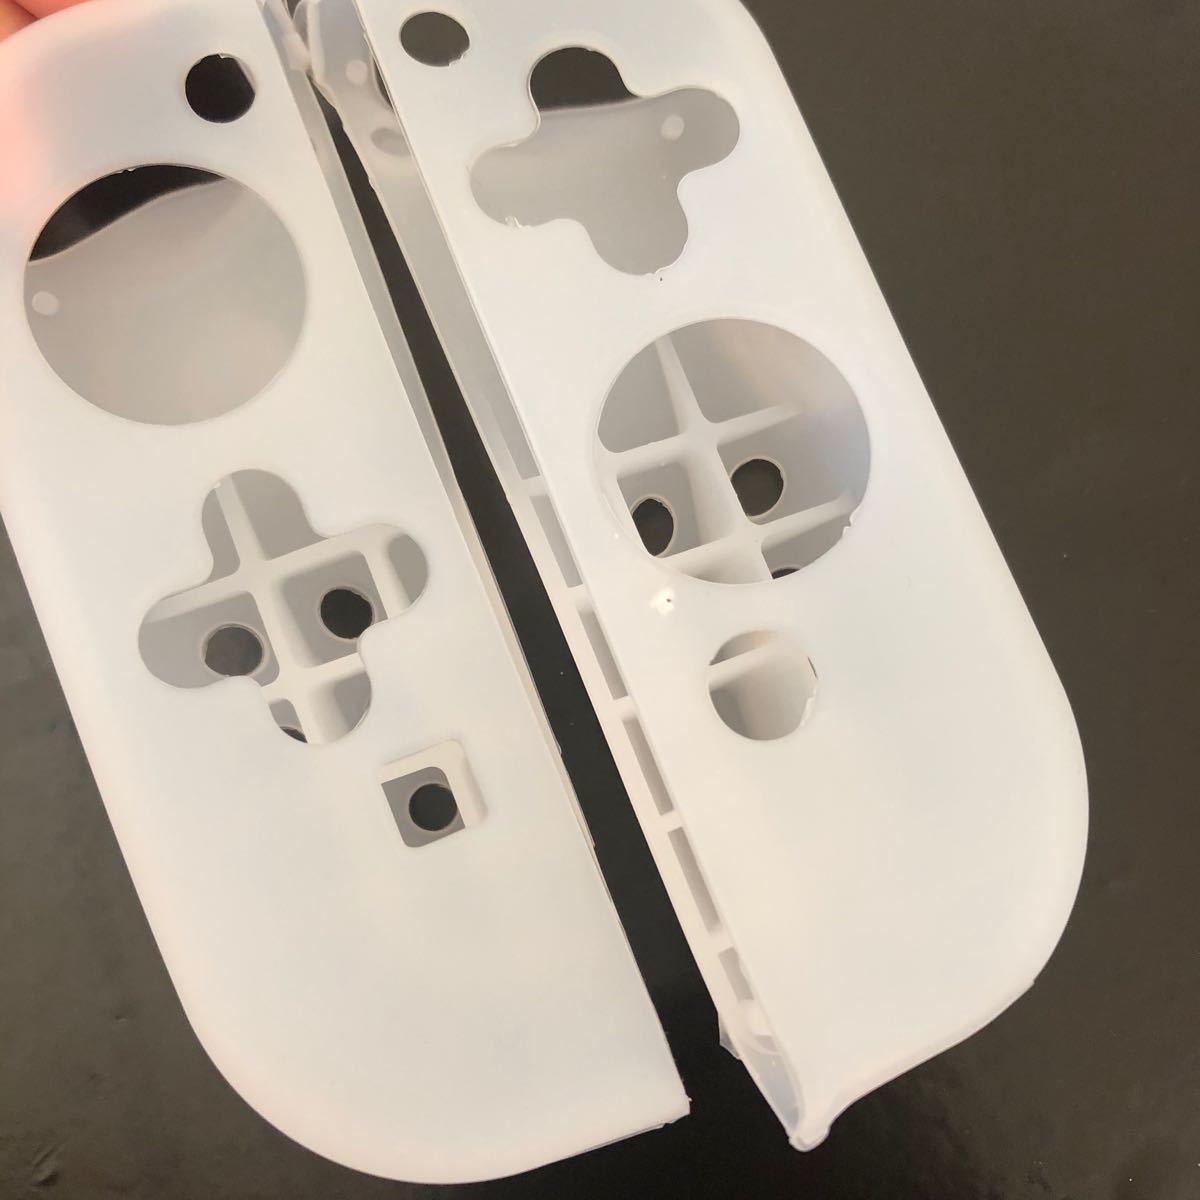 ニンテンドースイッチ Switch ジョイコンカバー 本体 収納ポーチ